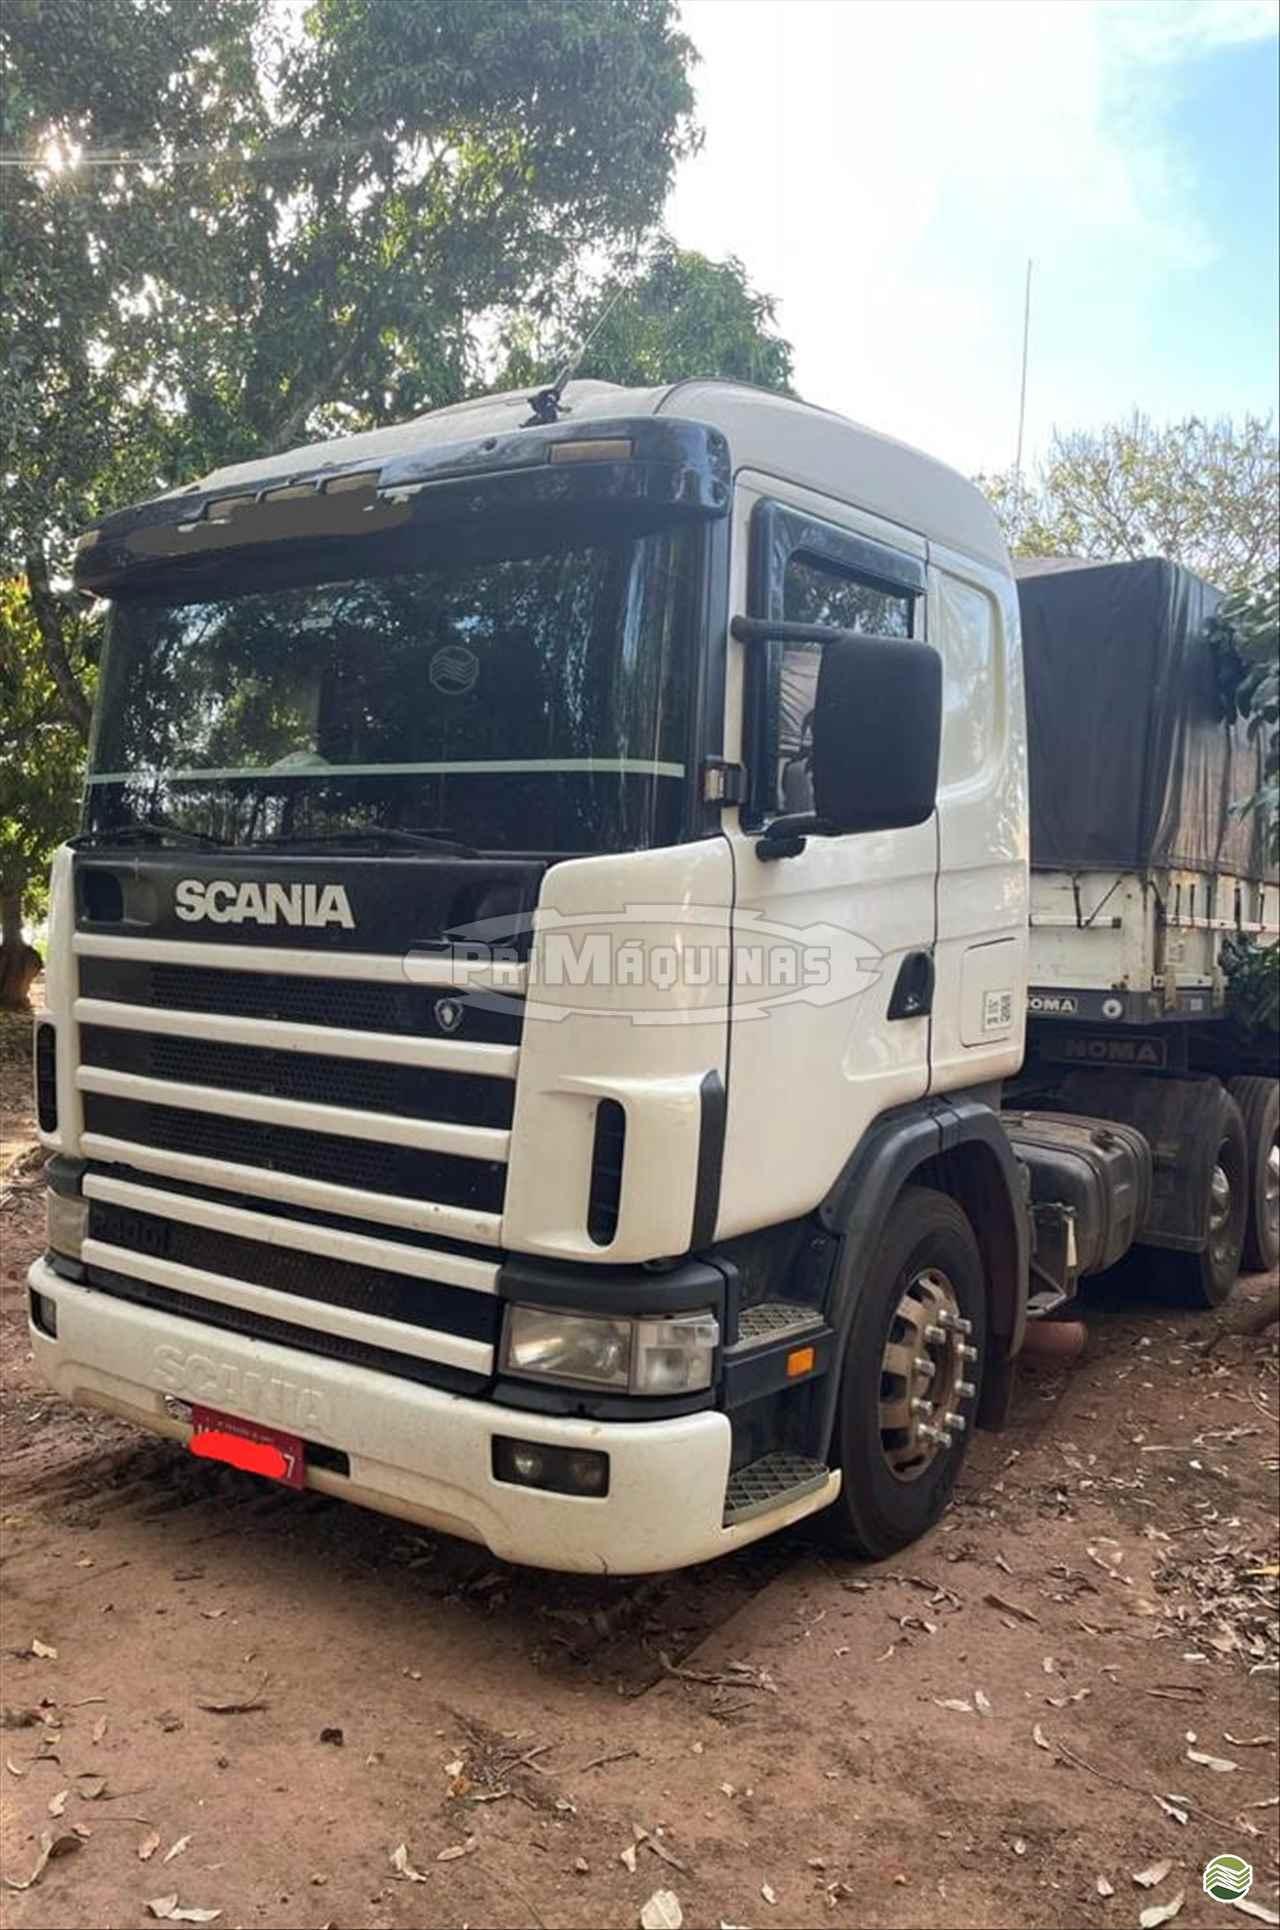 CAMINHAO SCANIA SCANIA 124 400 Cavalo Mecânico Truck 6x2 PriMáquinas PRIMAVERA DO LESTE MATO GROSSO MT